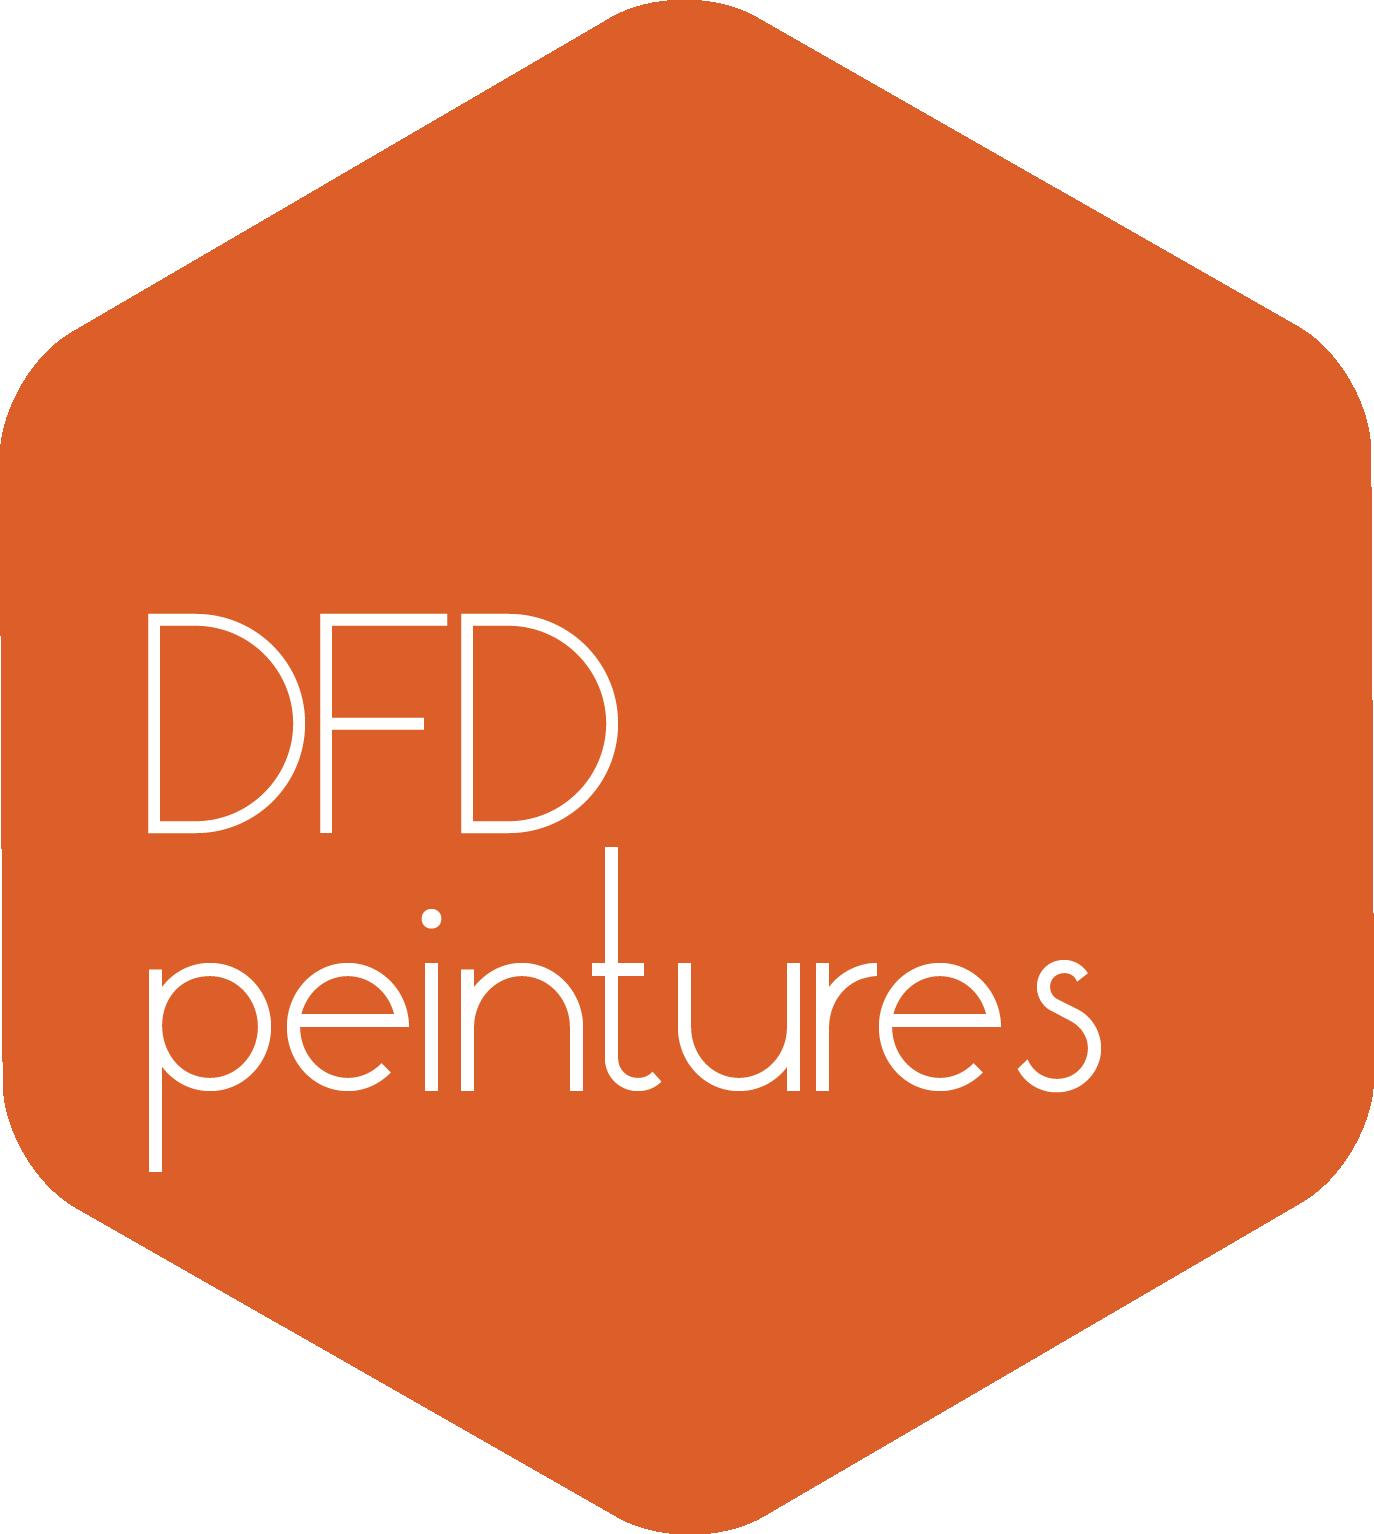 logo-dfd-peintures-couleur